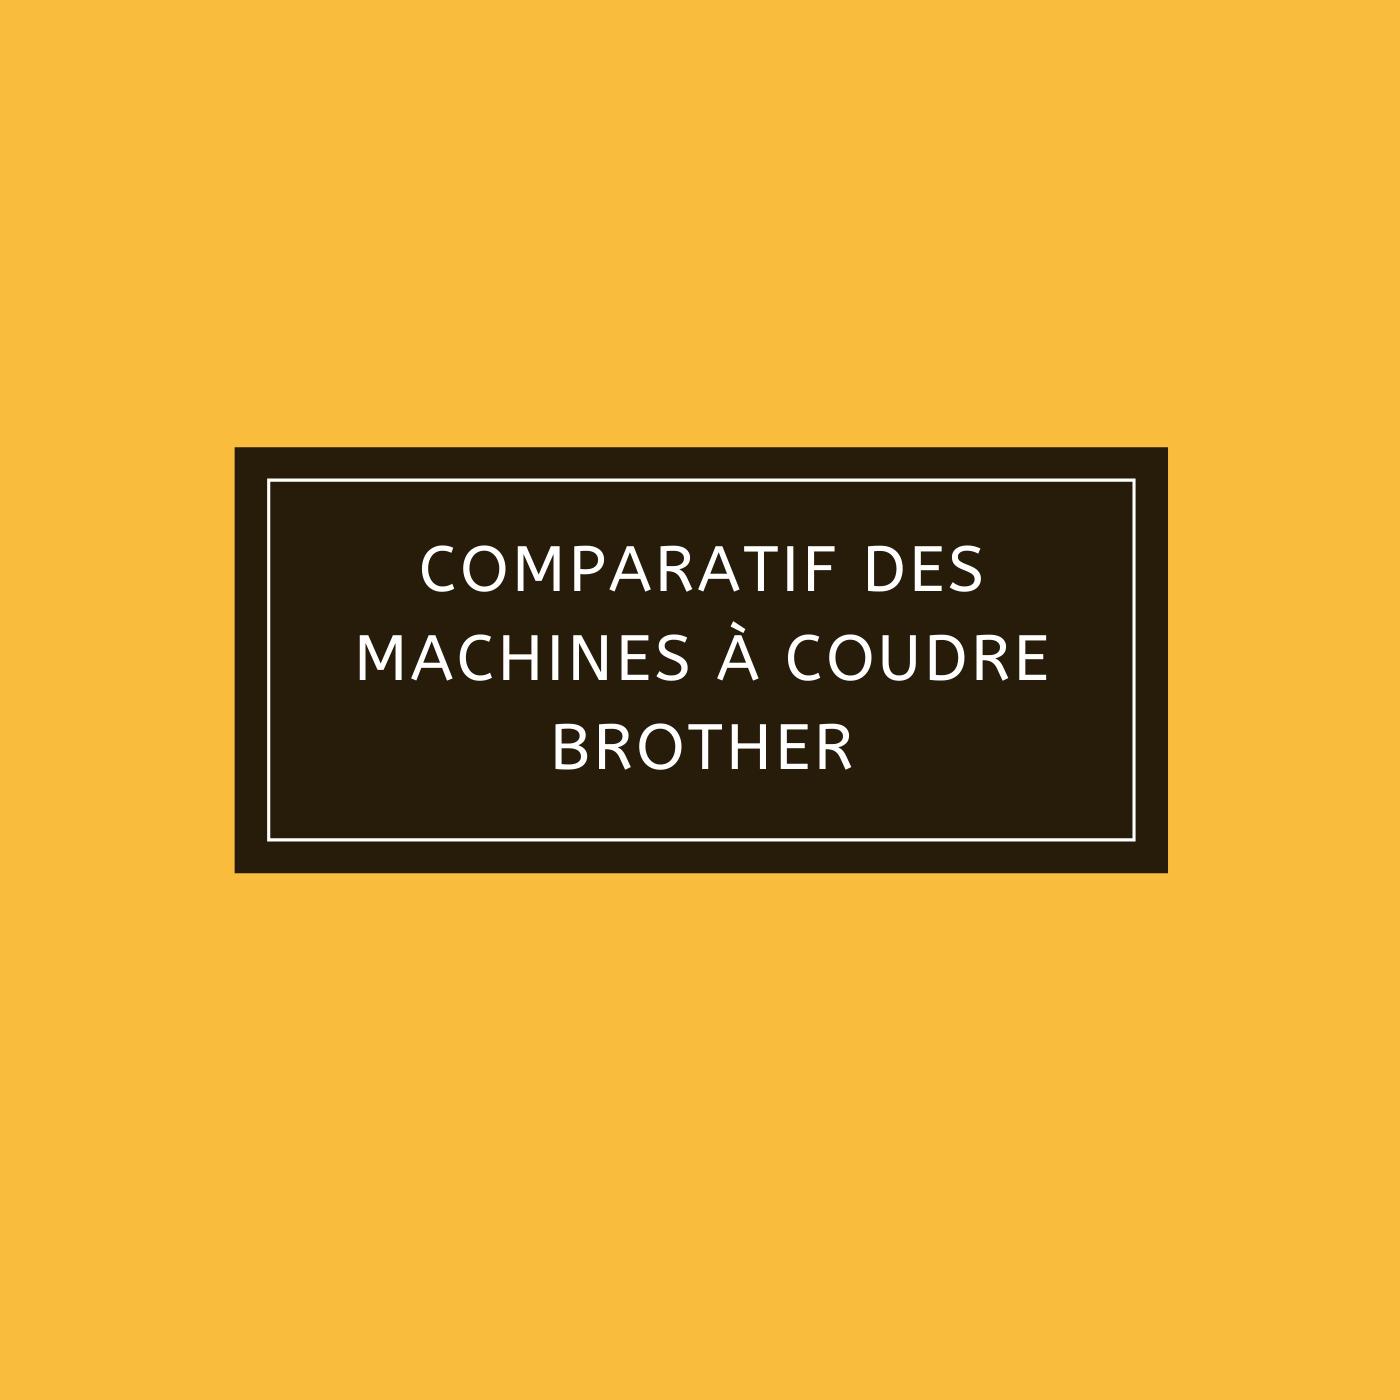 Comparatif des machines à coudre Brother